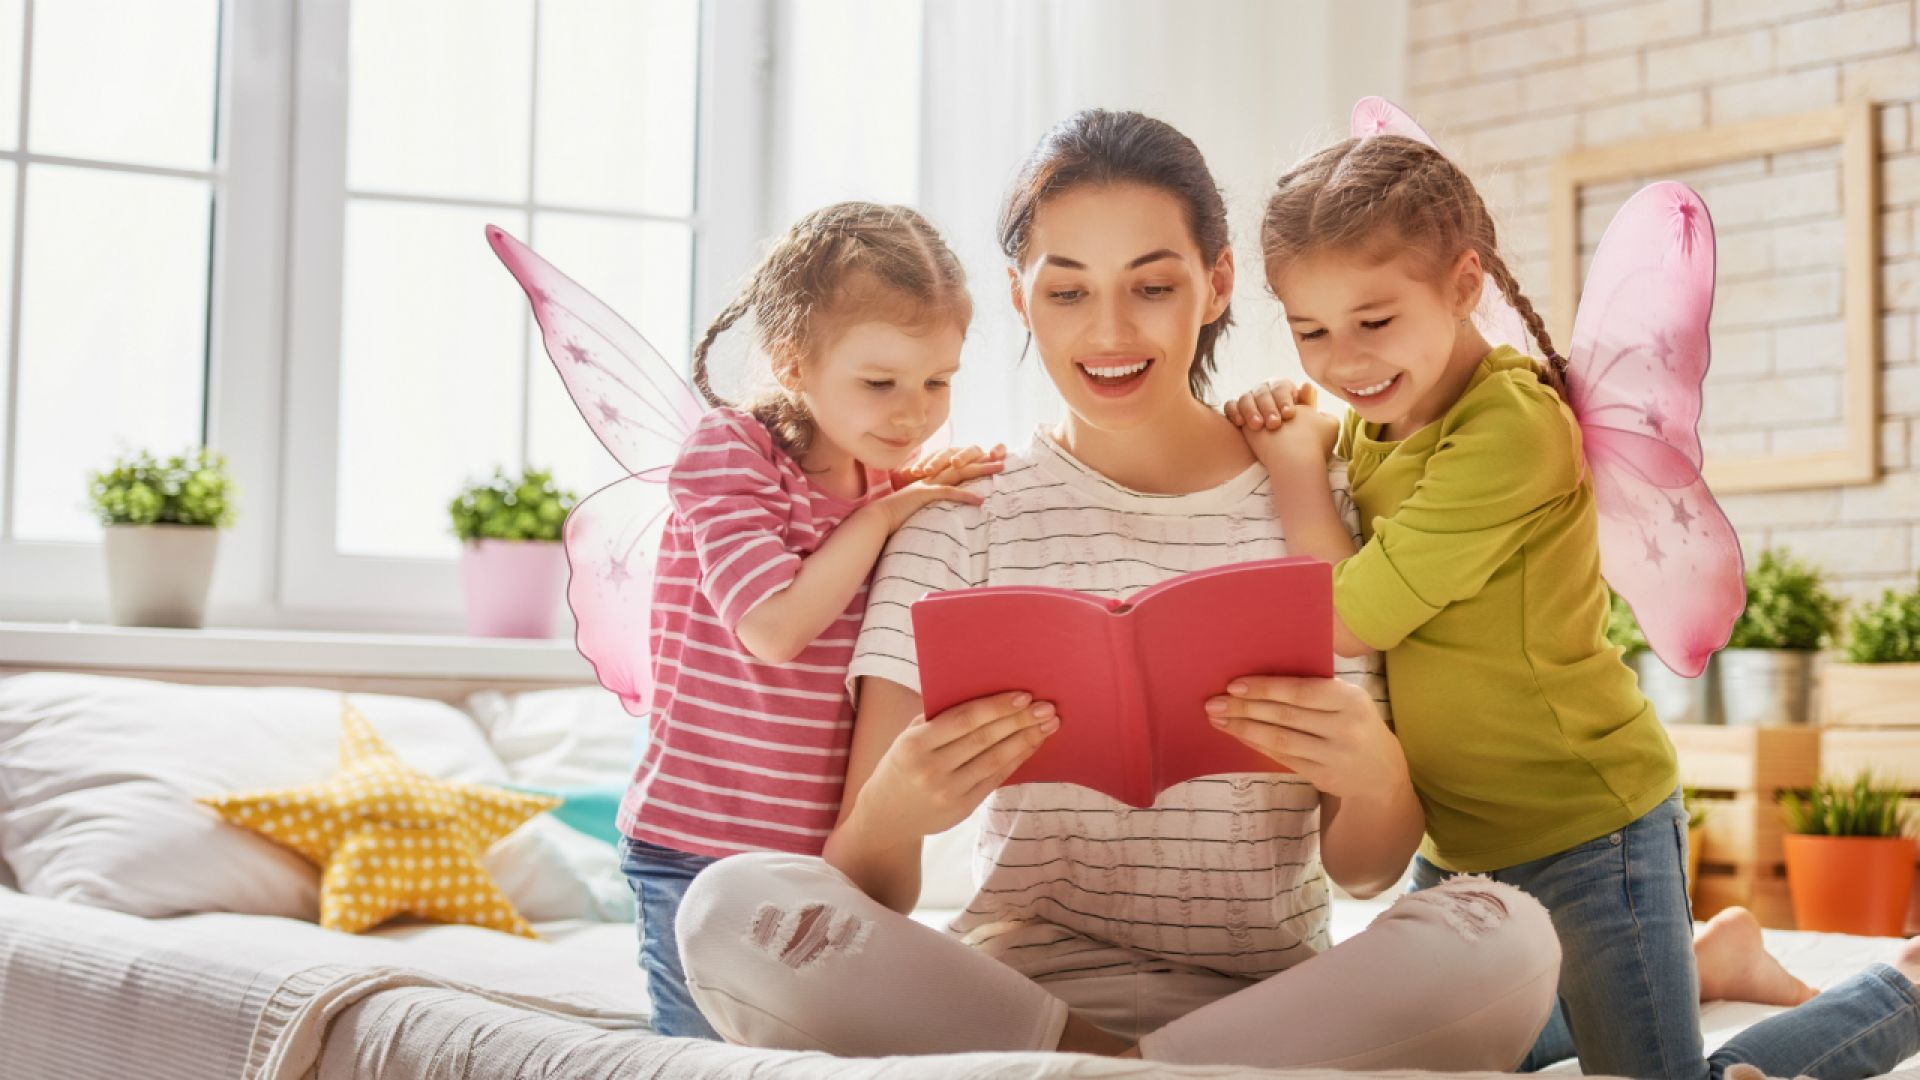 Безопасность в бане с ребенком до года: простые правила